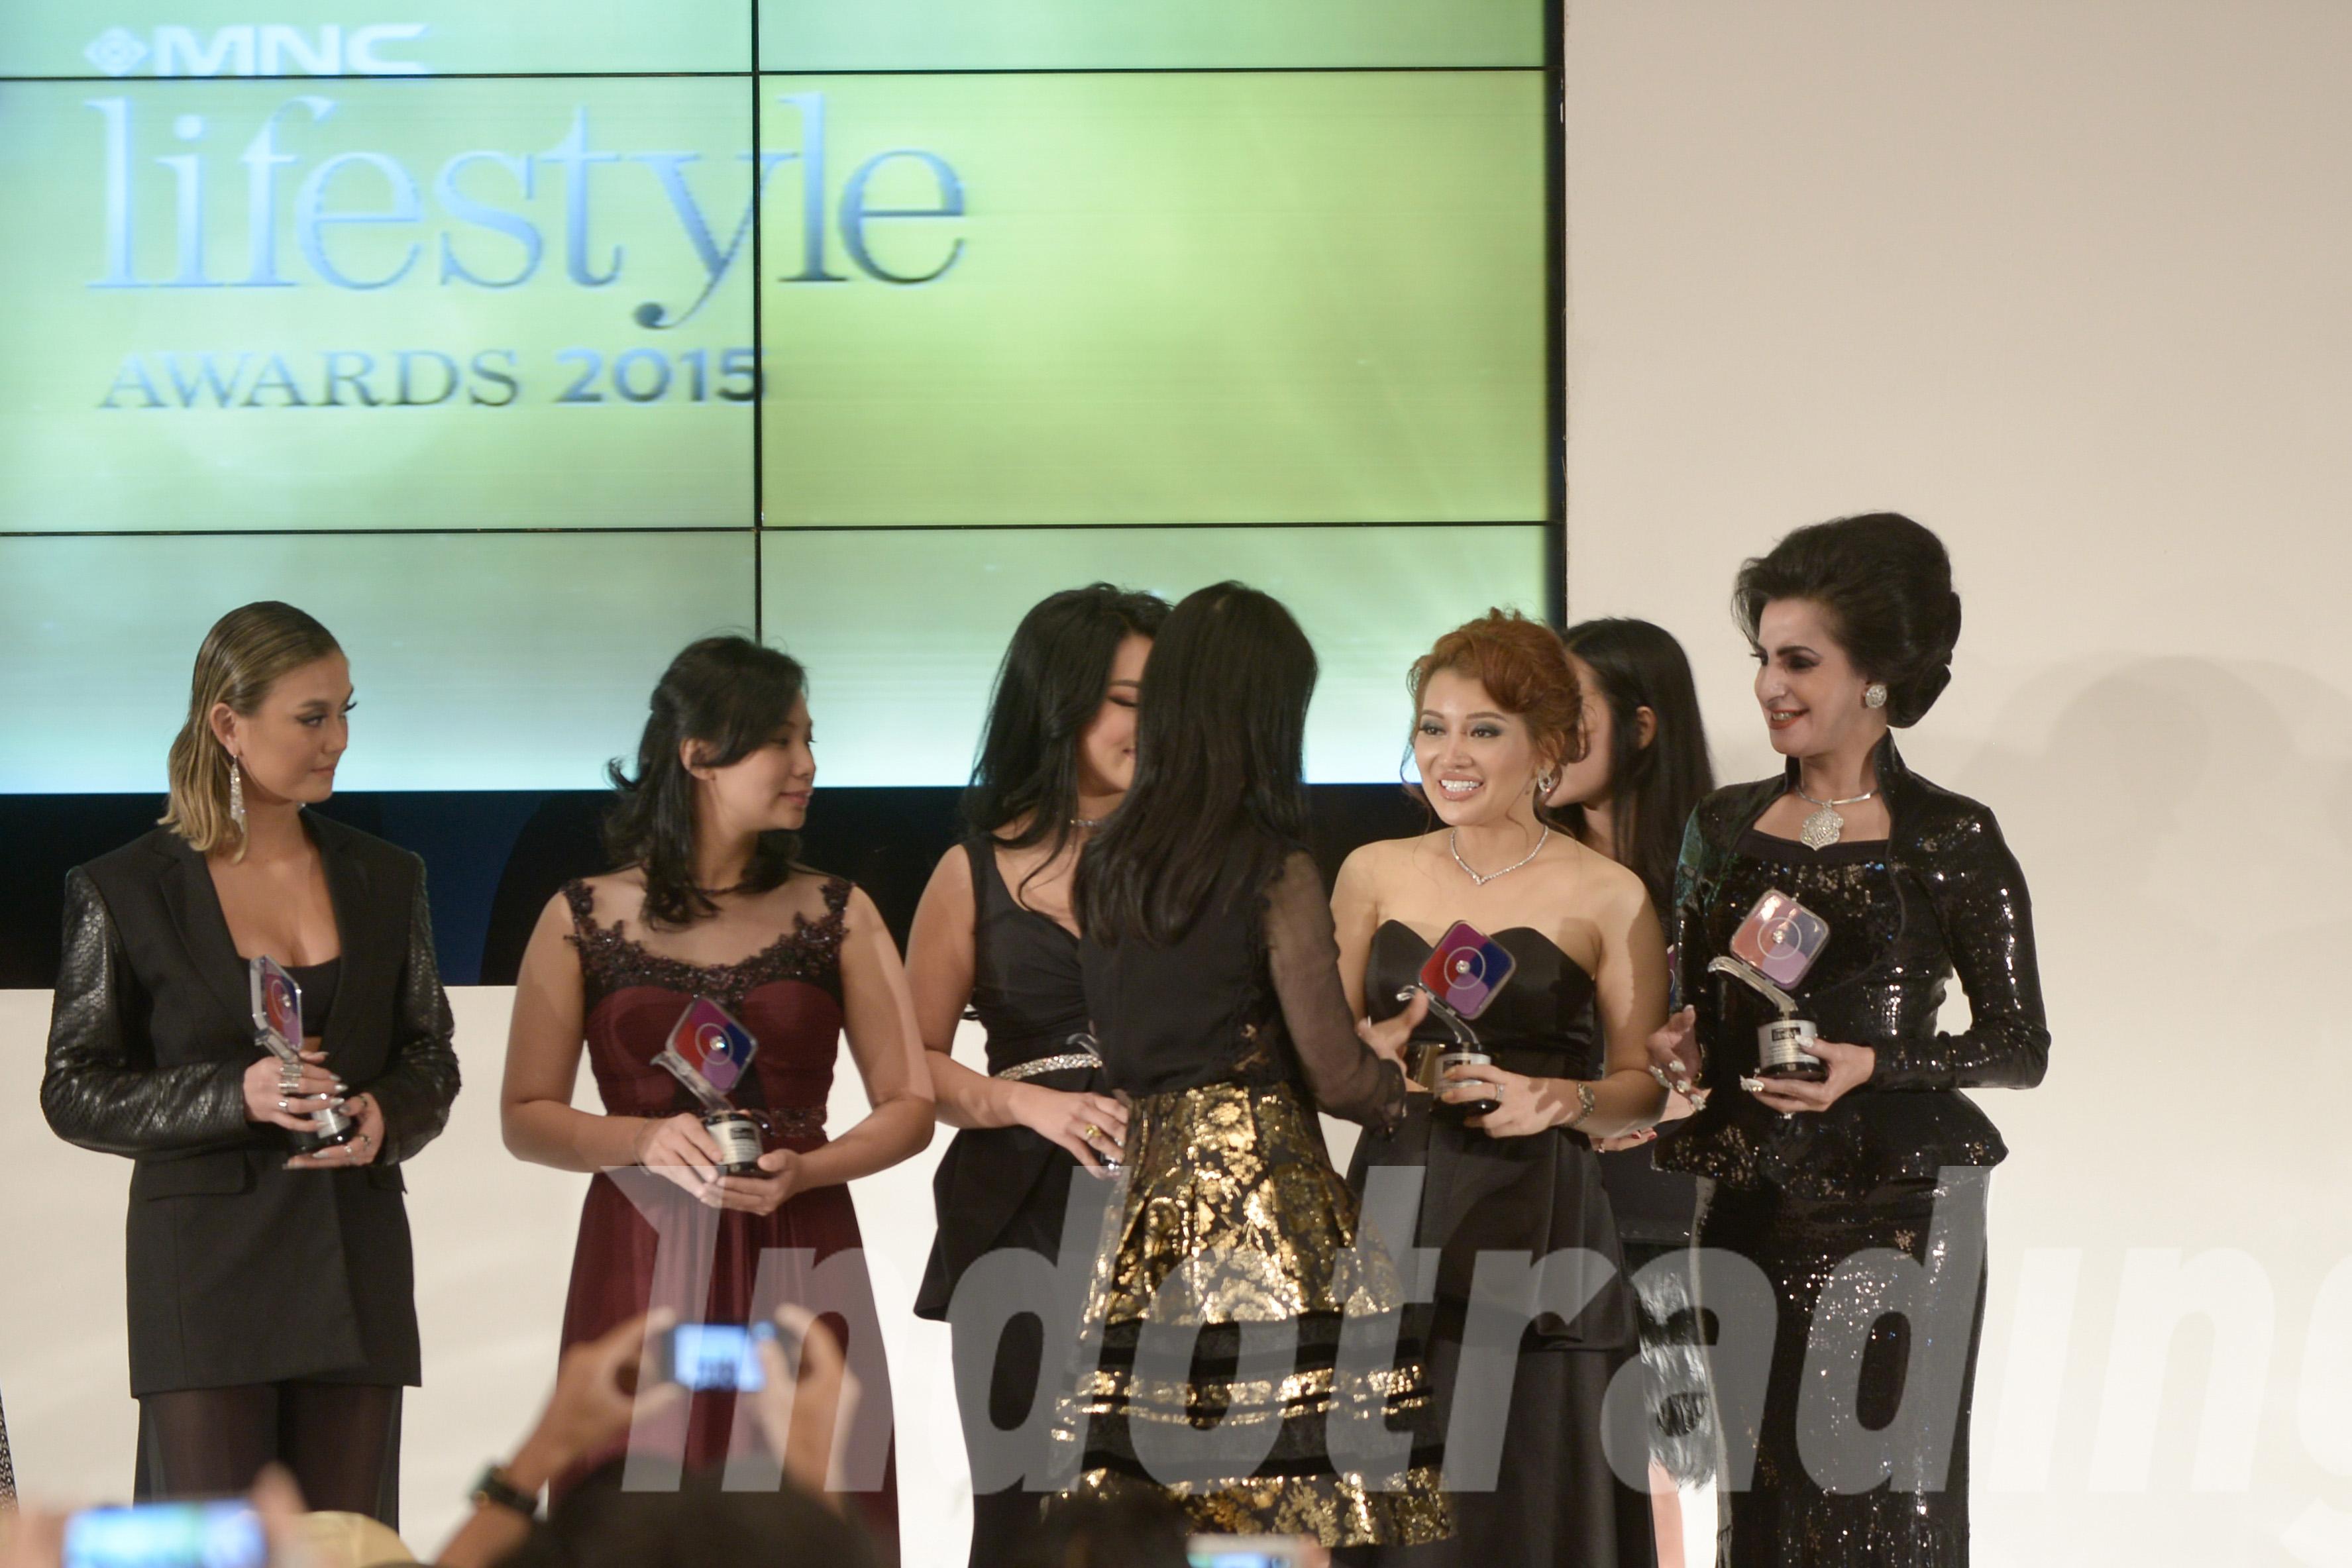 Foto: Direktur PT Cakra Daya Makmur, Livienne Russellia saat mendapatkan penghargaan/Dok: indotrading.com